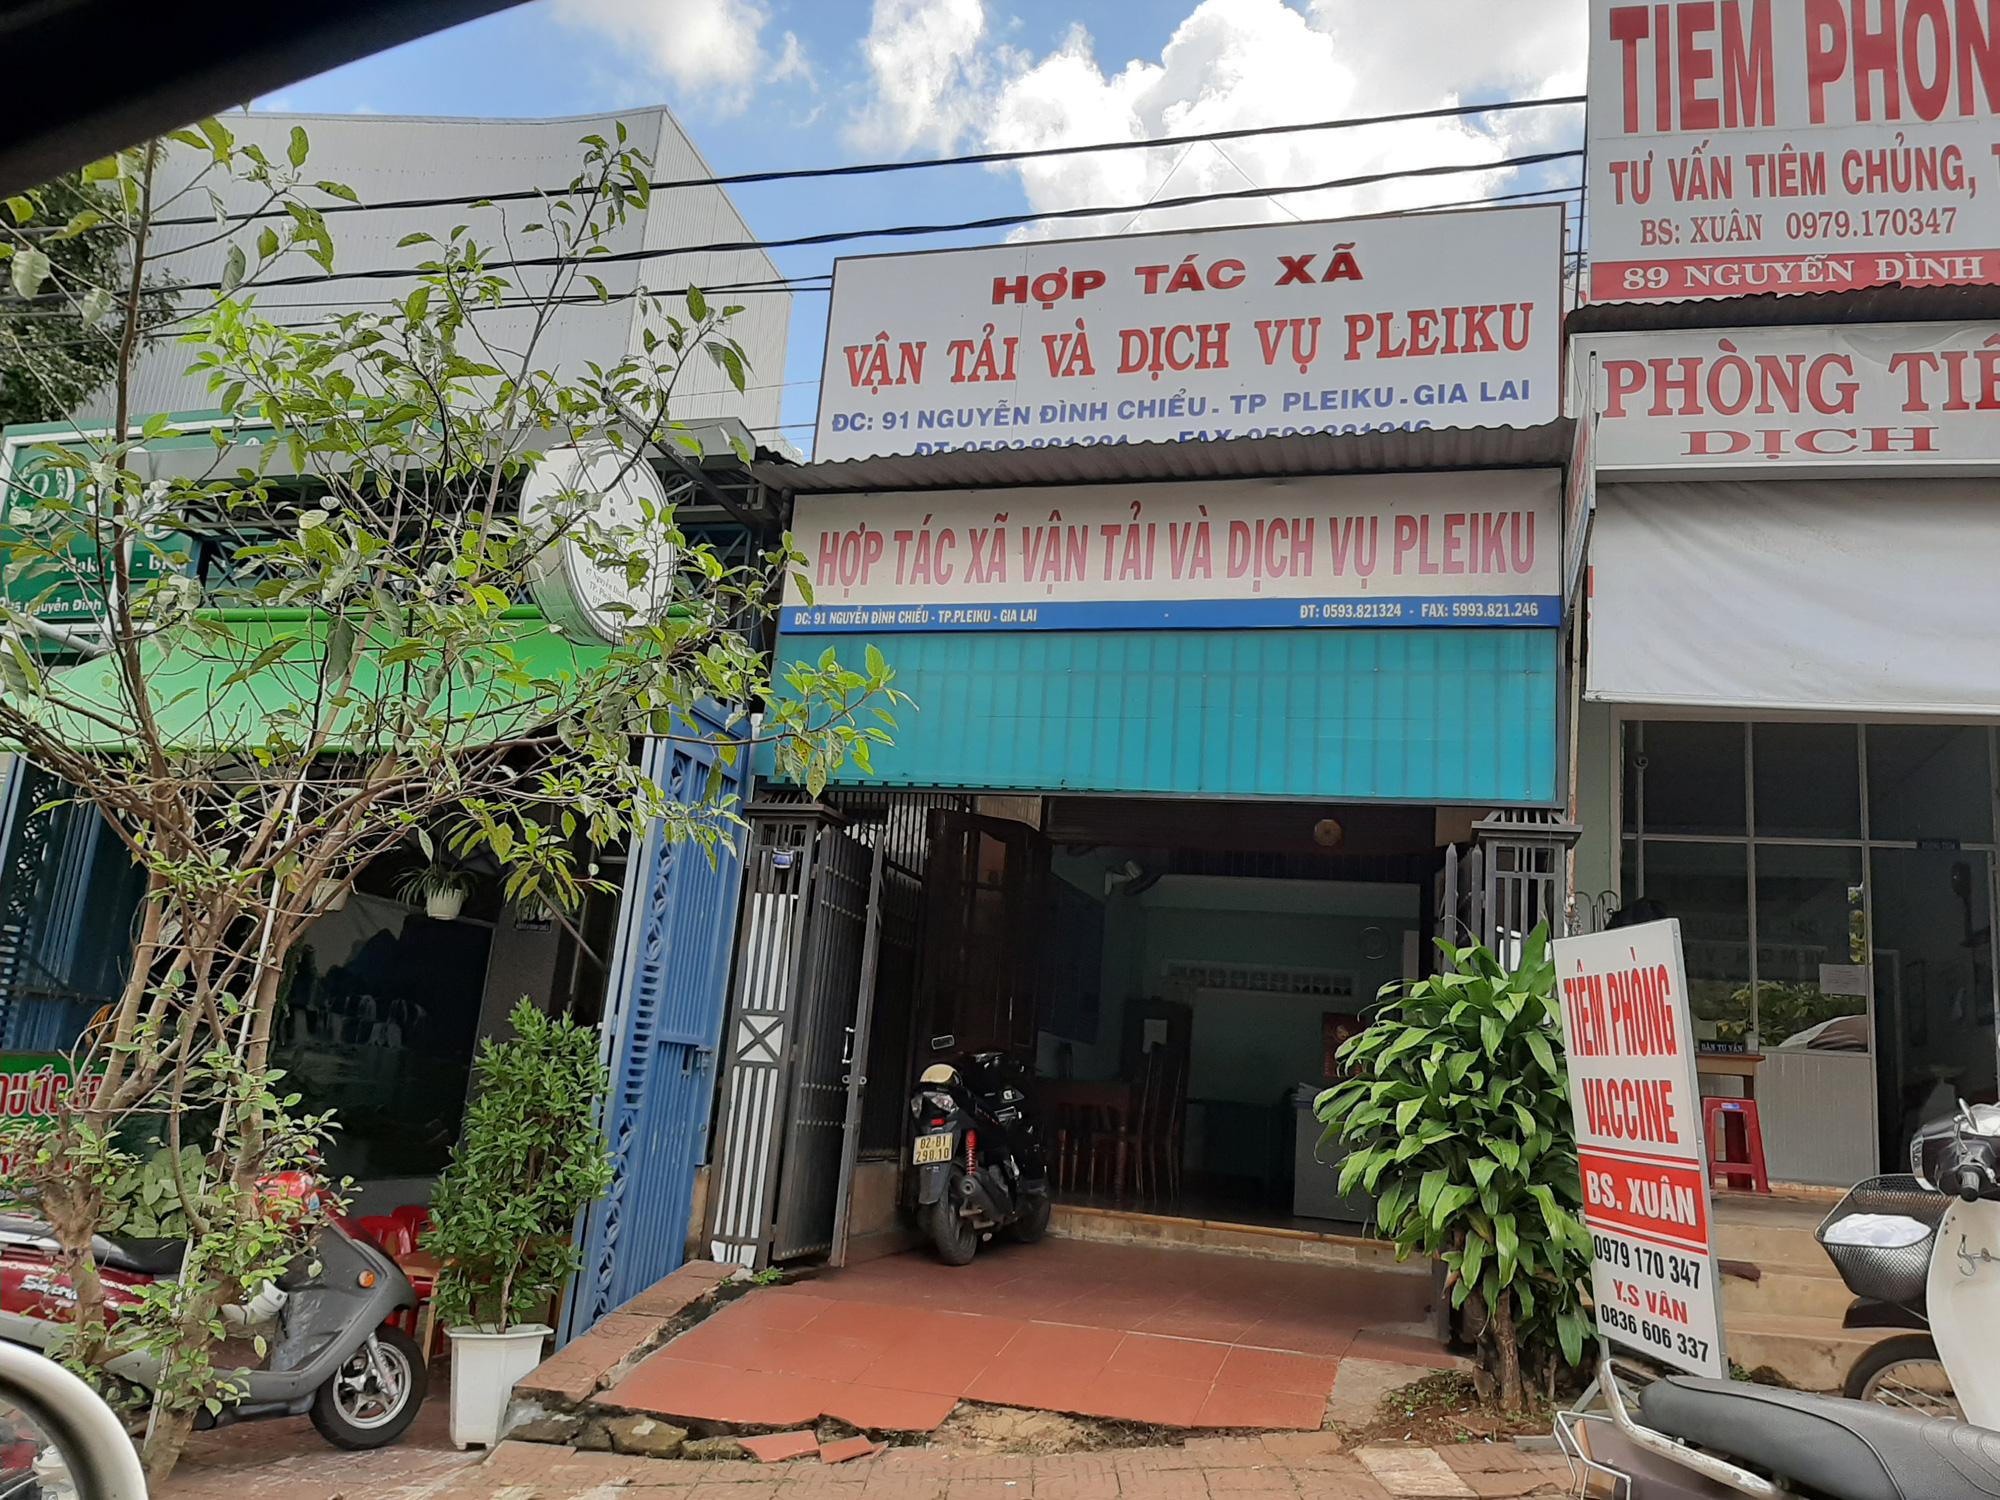 HĐND tỉnh Gia Lai: Tội phạm tham nhũng liên quan đến quản lý ngân sách - Ảnh 2.